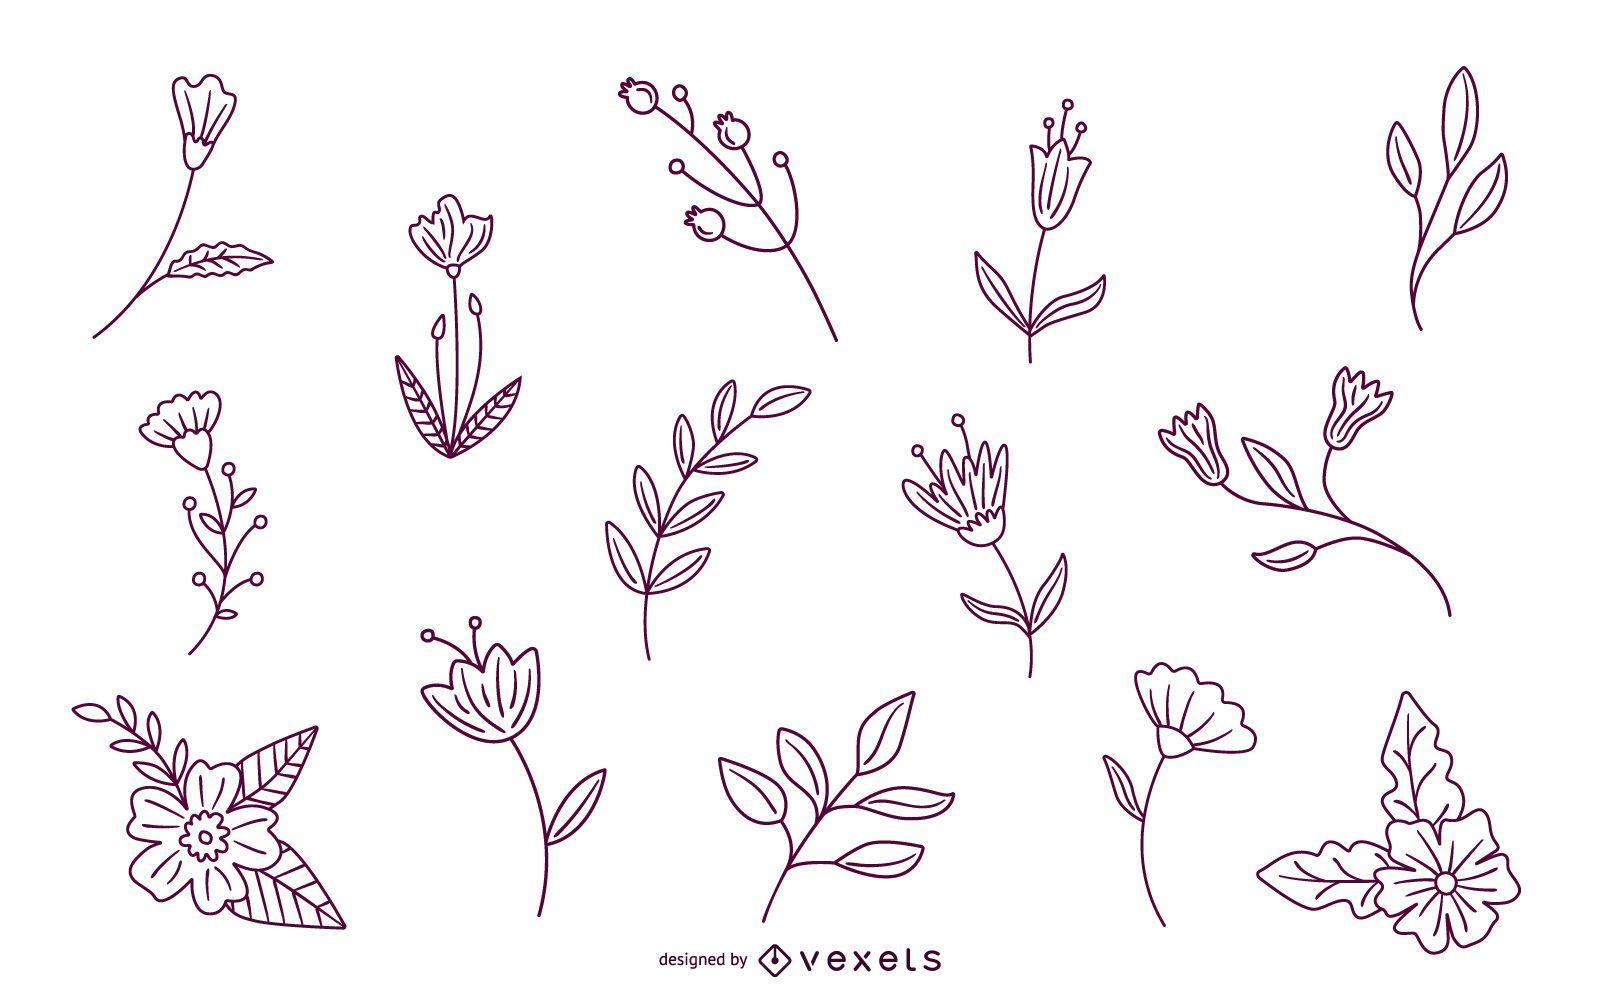 Spring Floral Elements Stroke Pack